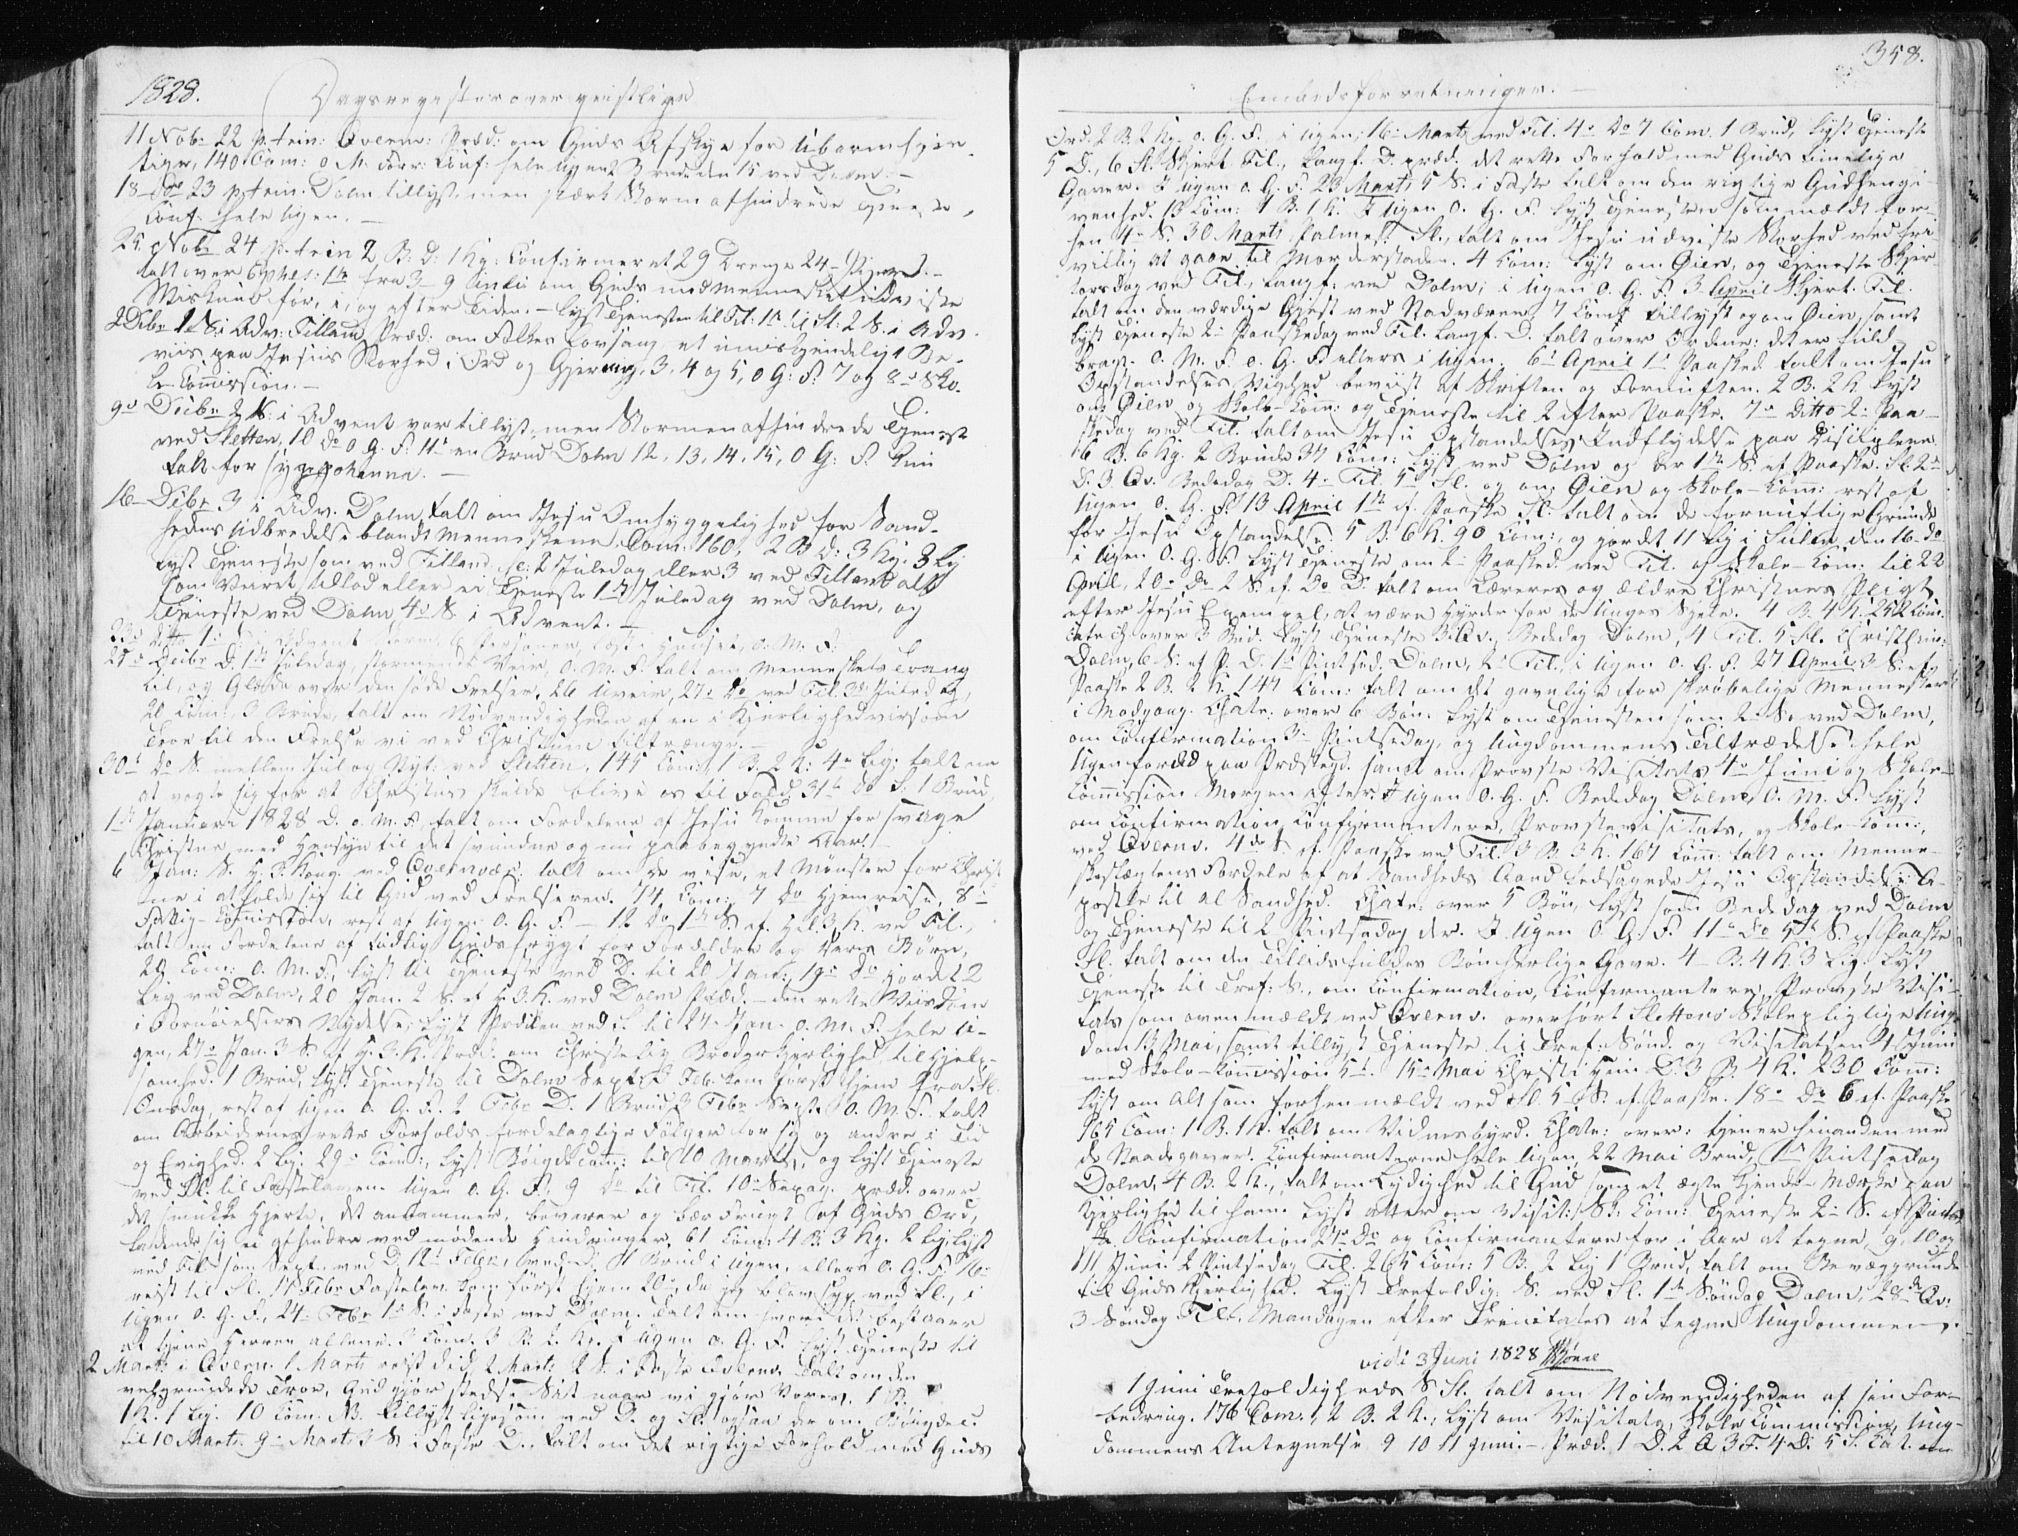 SAT, Ministerialprotokoller, klokkerbøker og fødselsregistre - Sør-Trøndelag, 634/L0528: Ministerialbok nr. 634A04, 1827-1842, s. 358